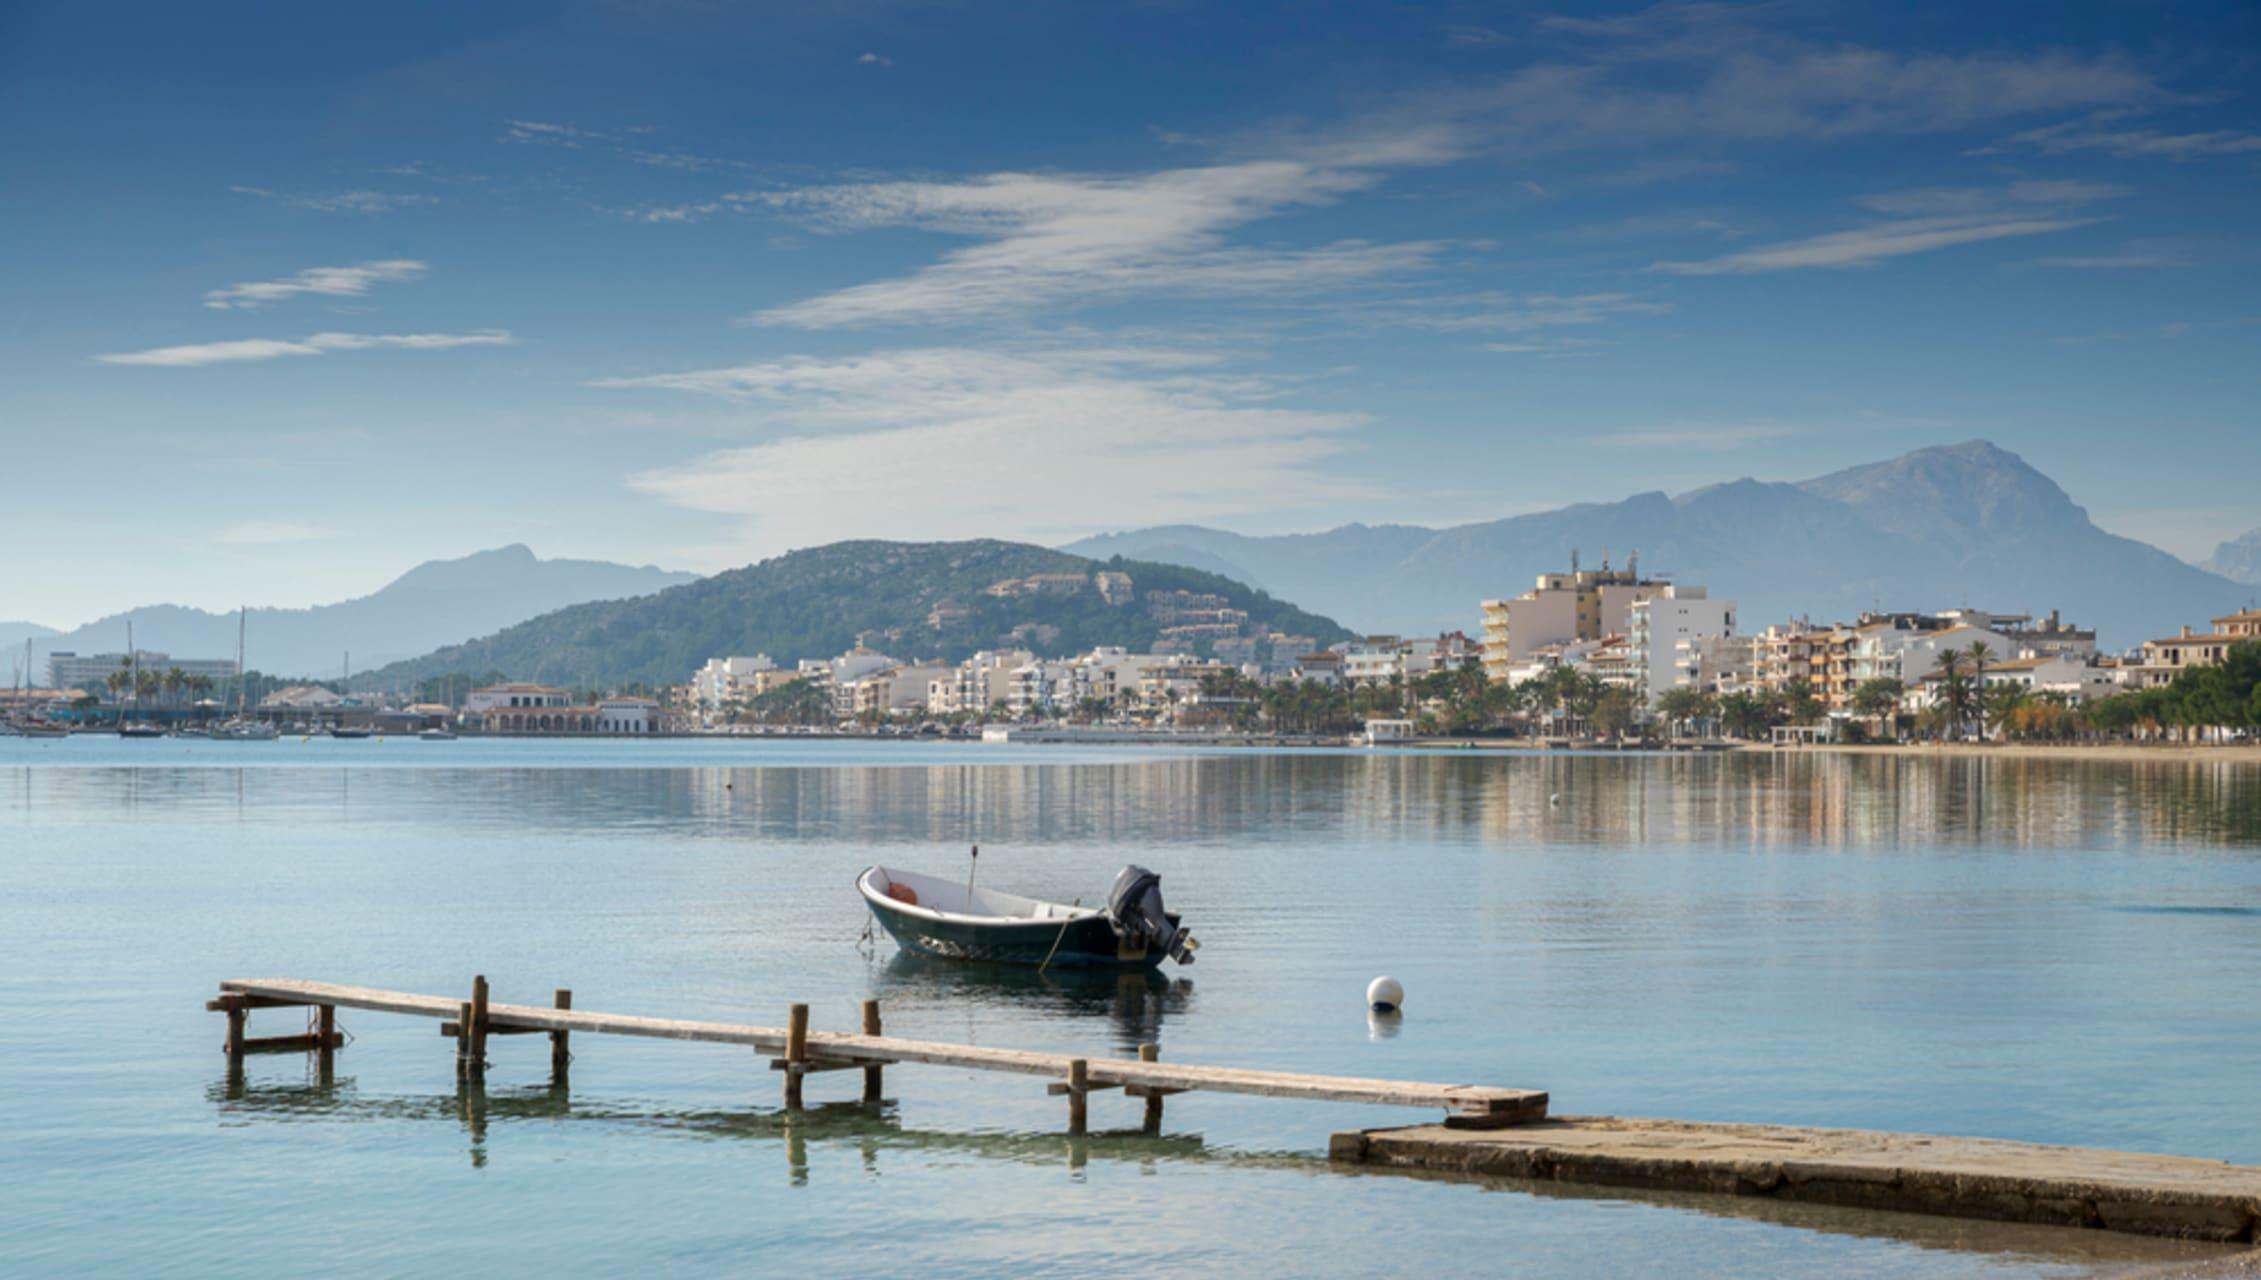 Mallorca - Port de Pollensa